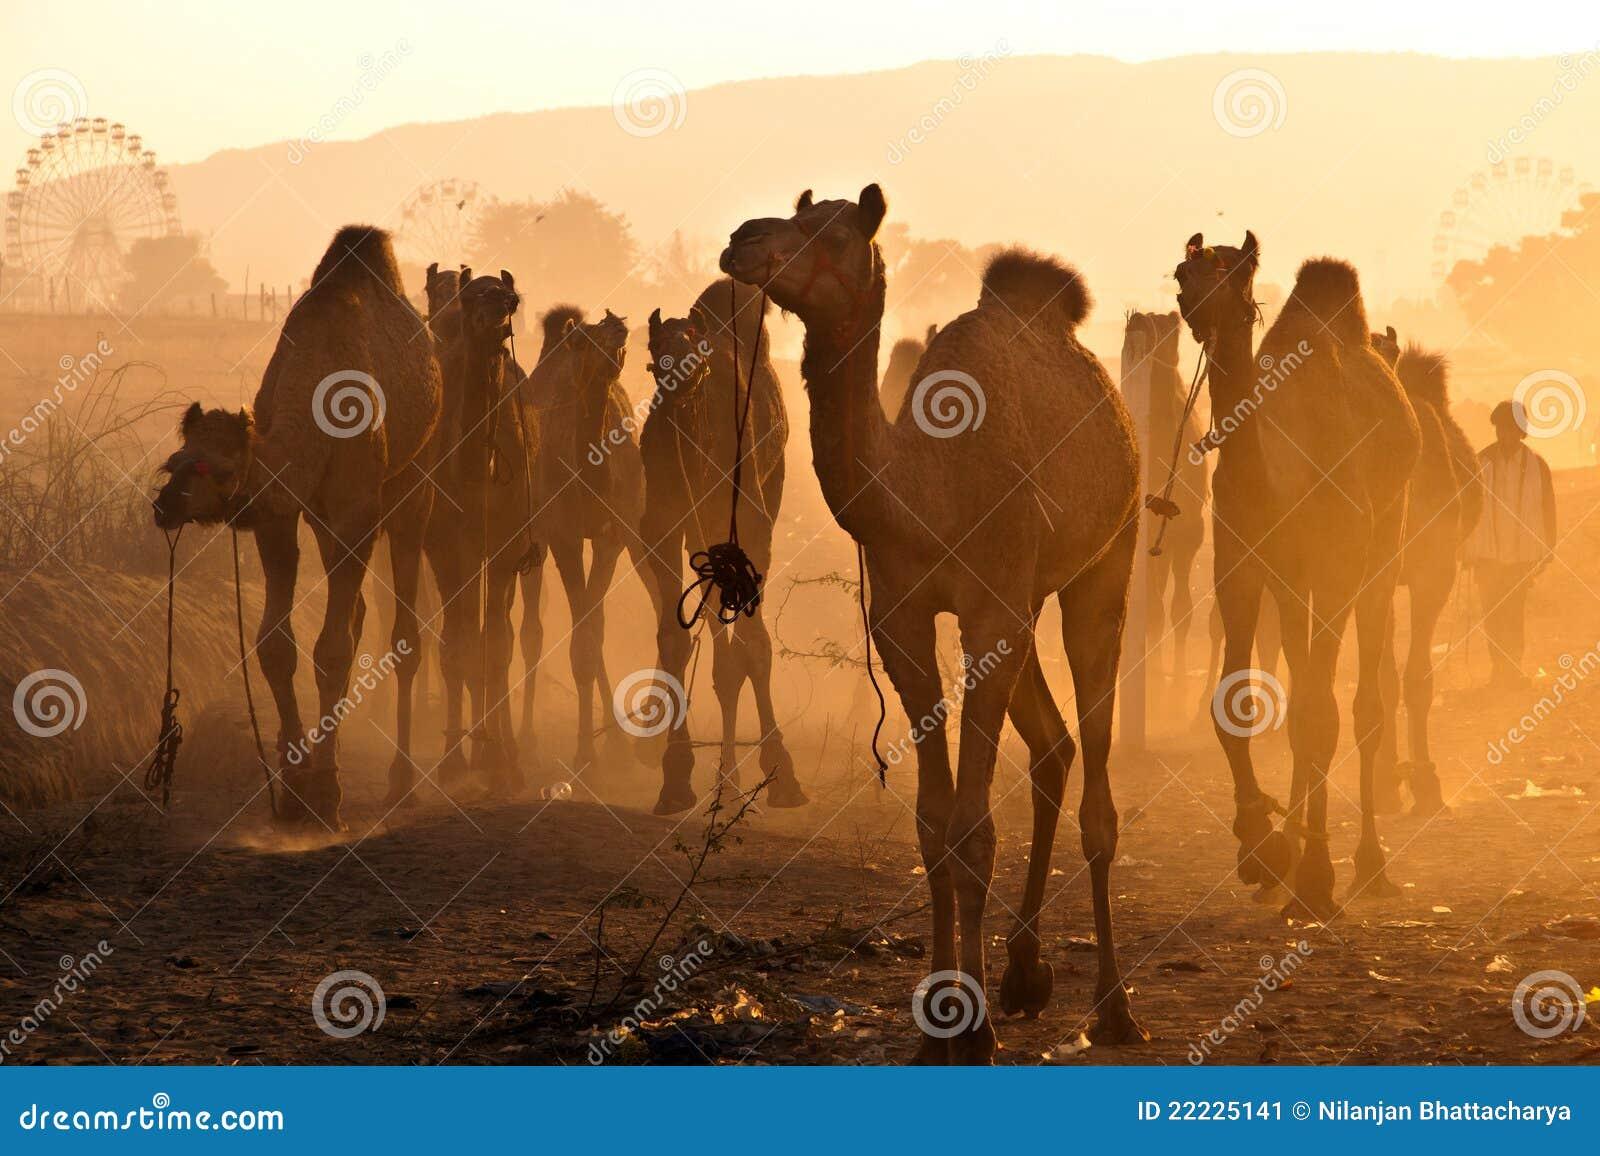 Pushkar kamel fair